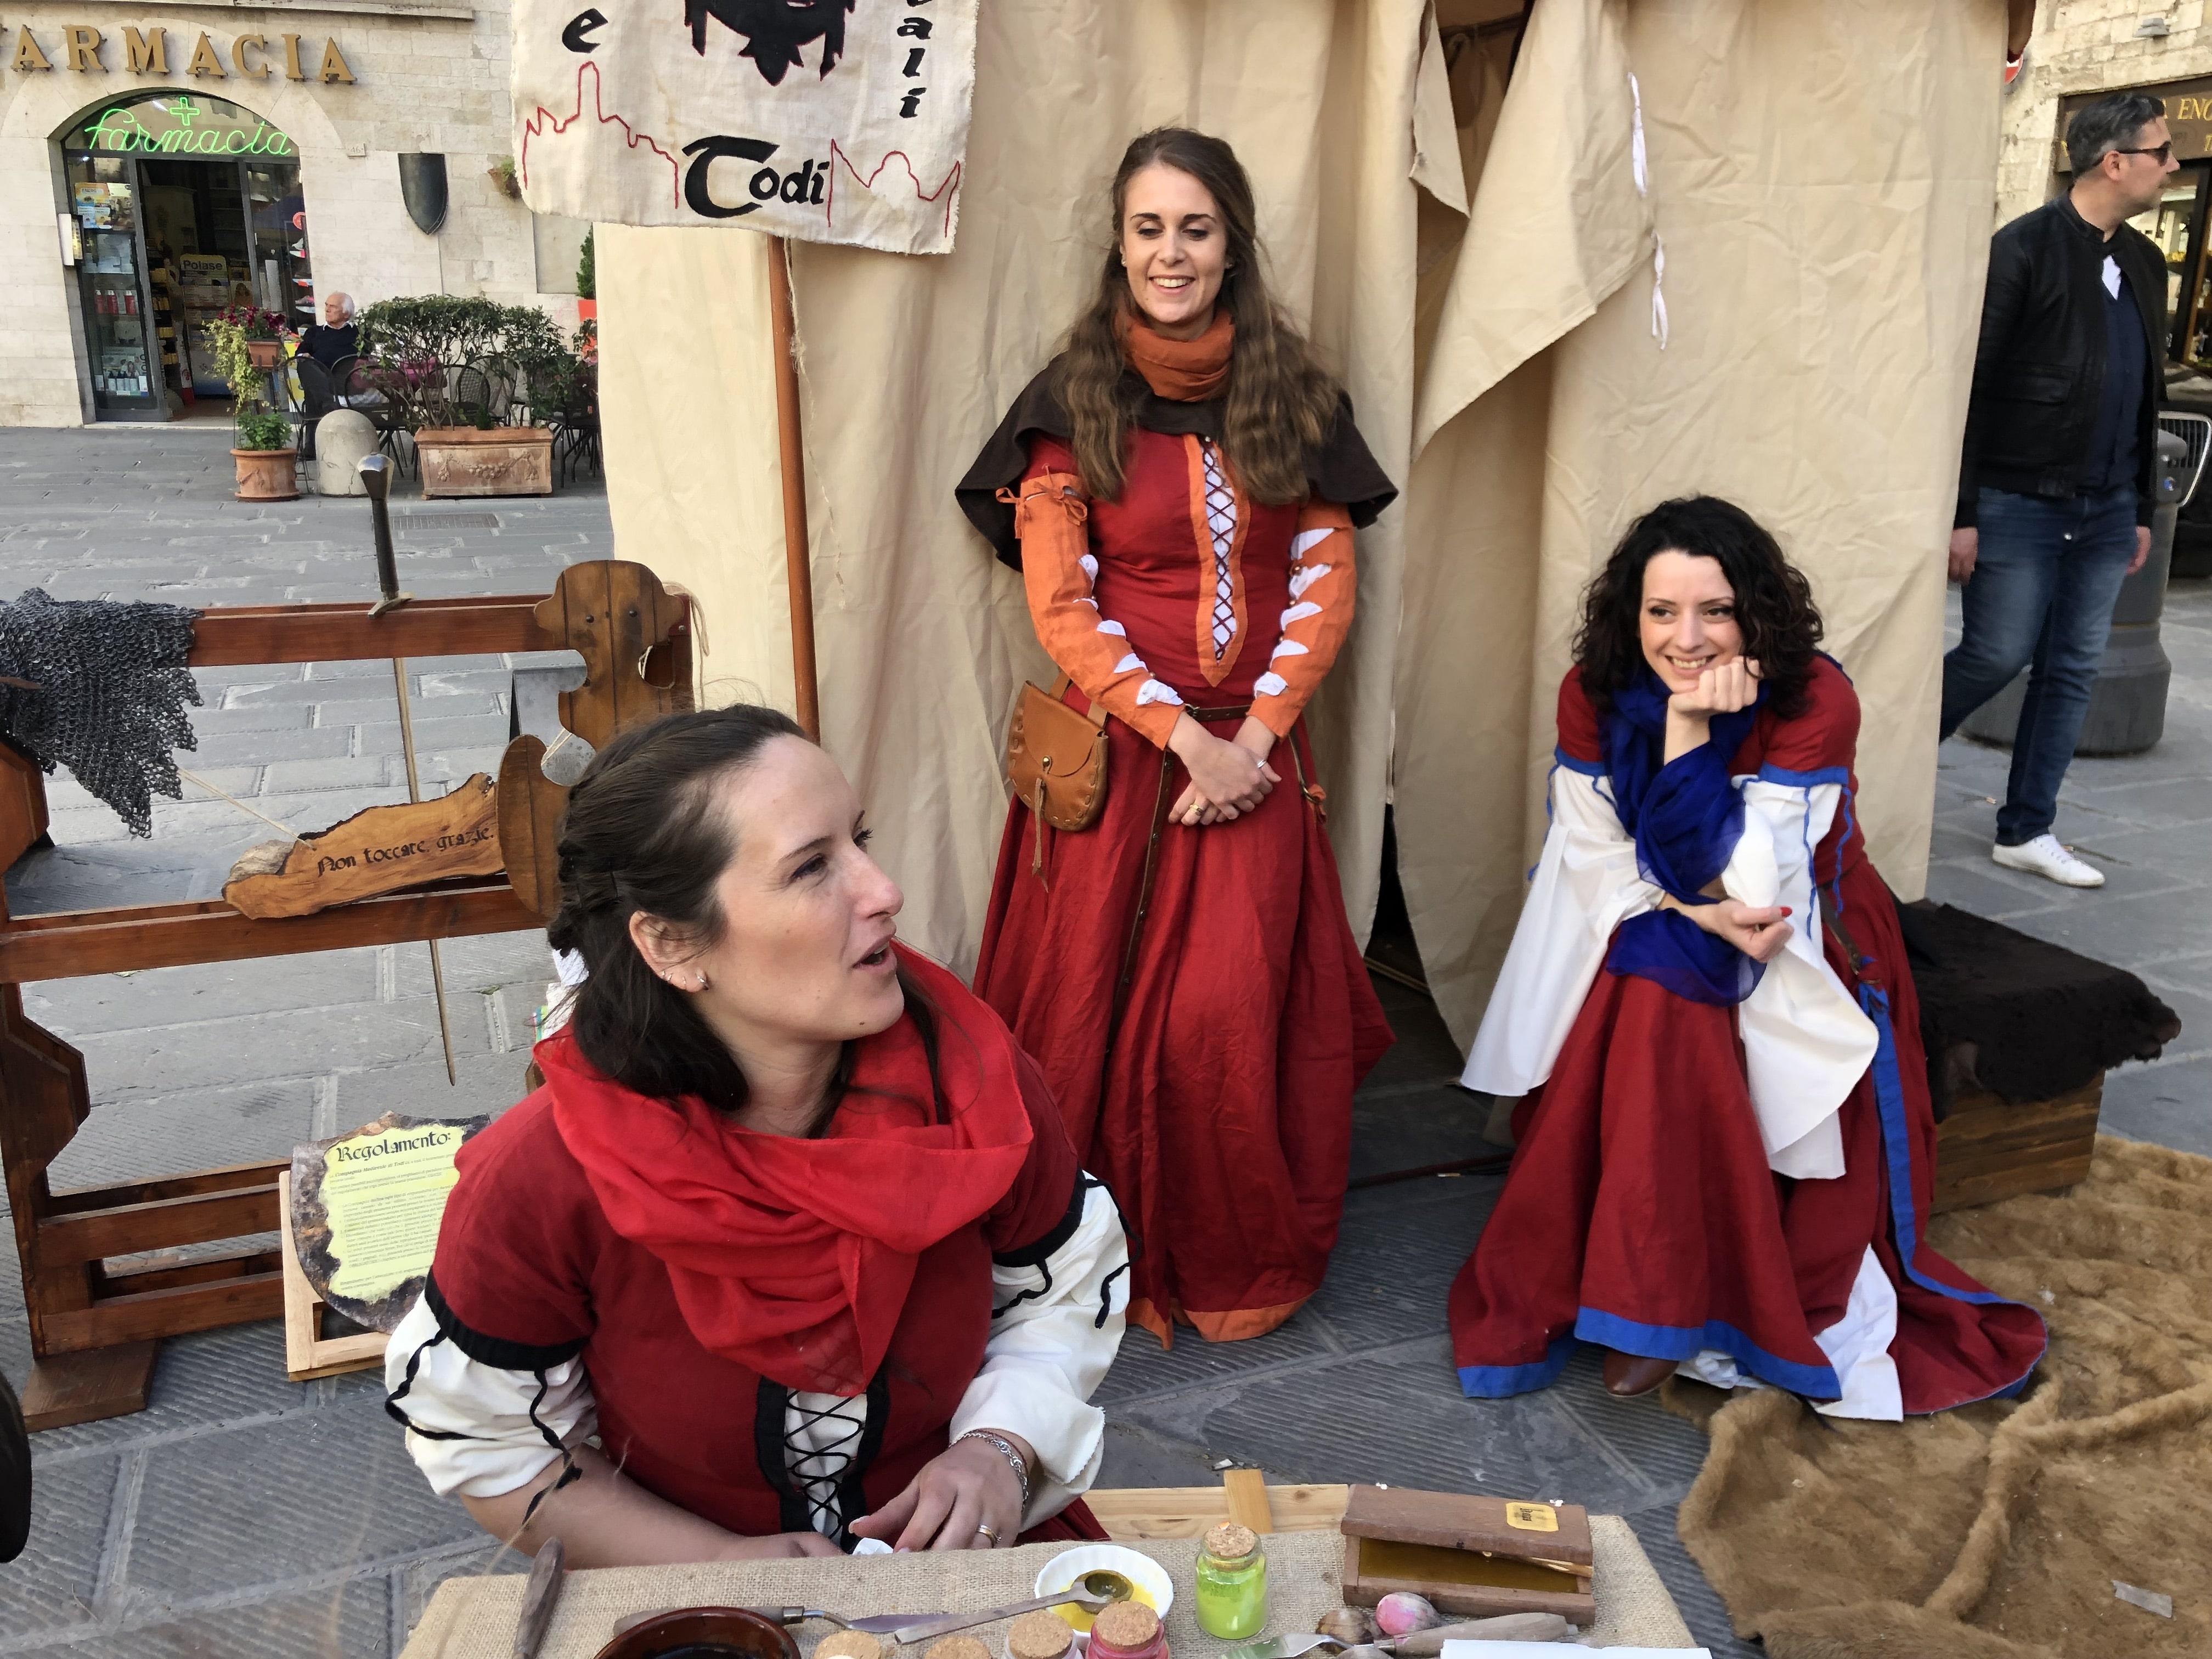 Compagnia danze medioevali